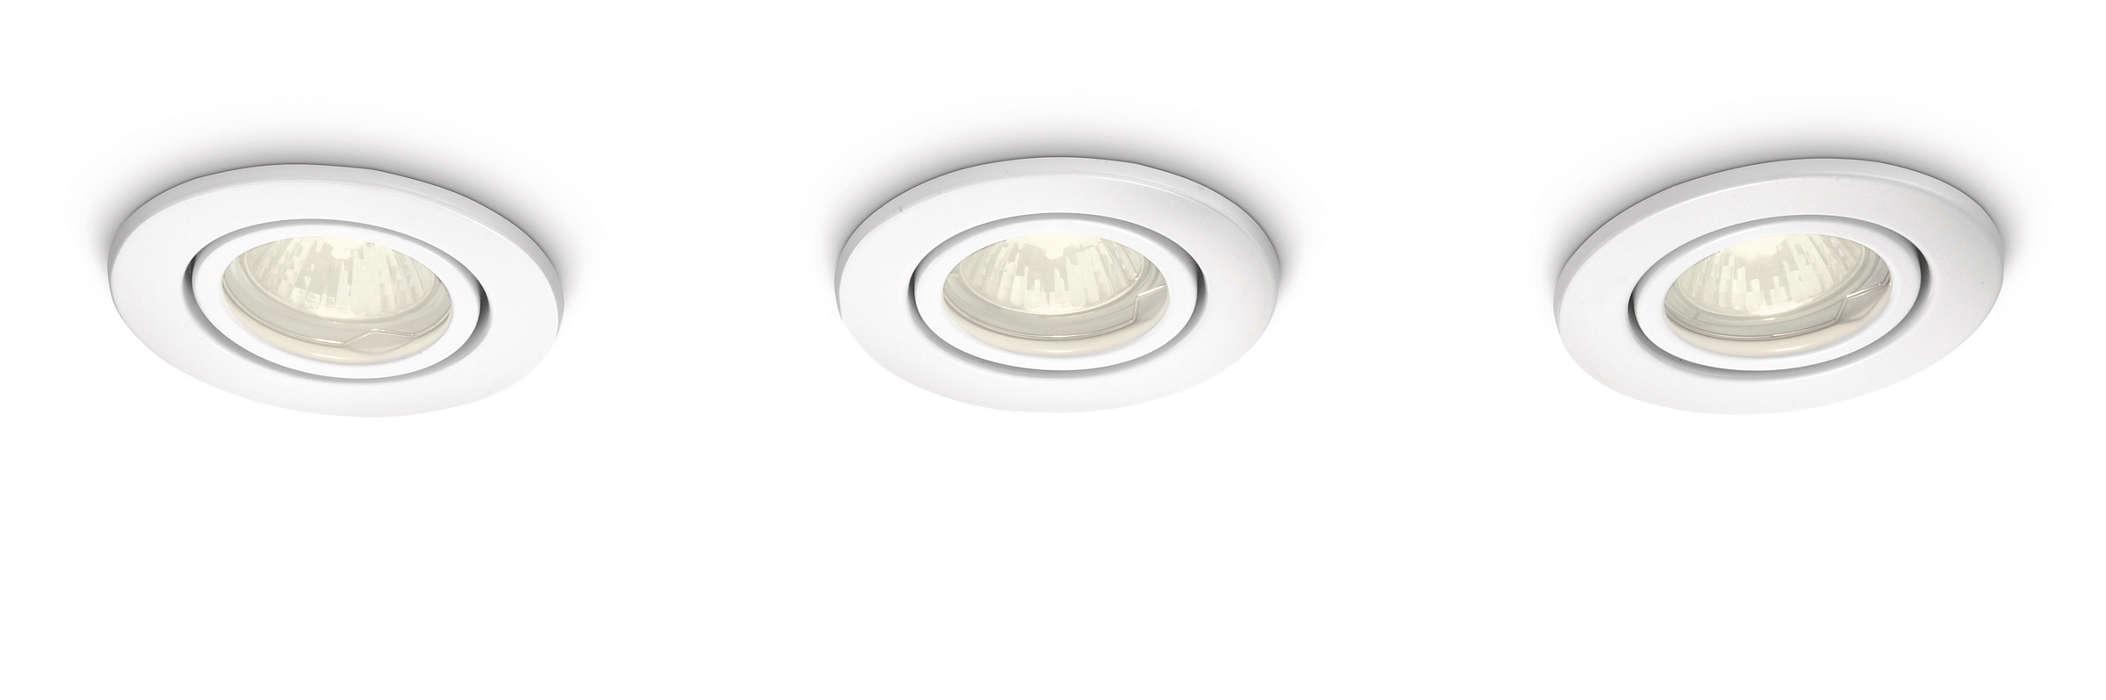 Inbouwspot 599023116 | Philips